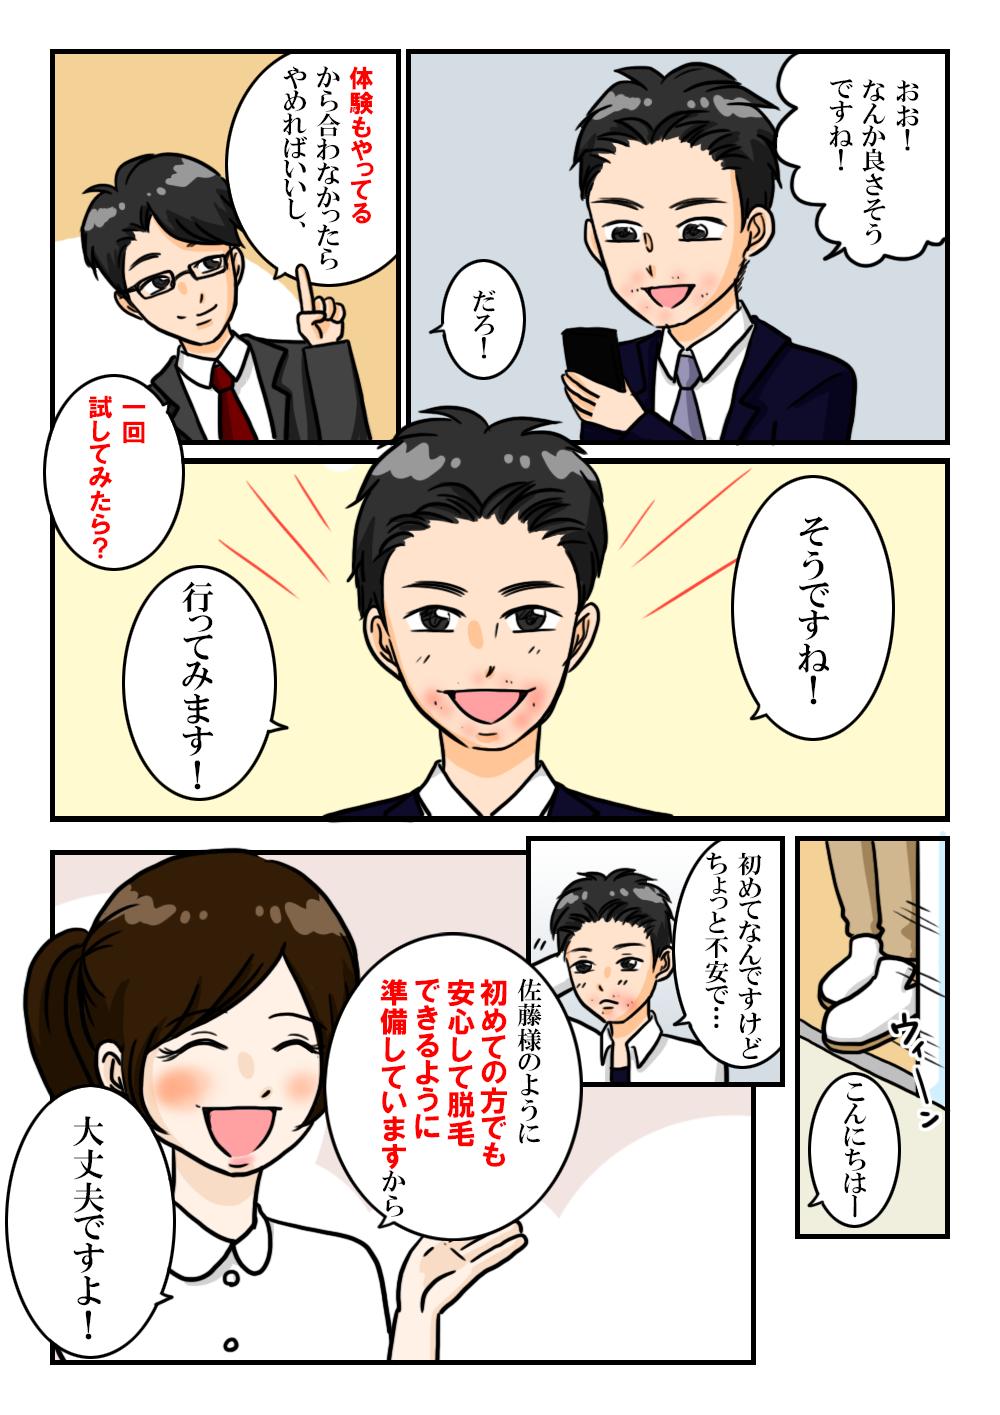 ヒゲ脱毛漫画3